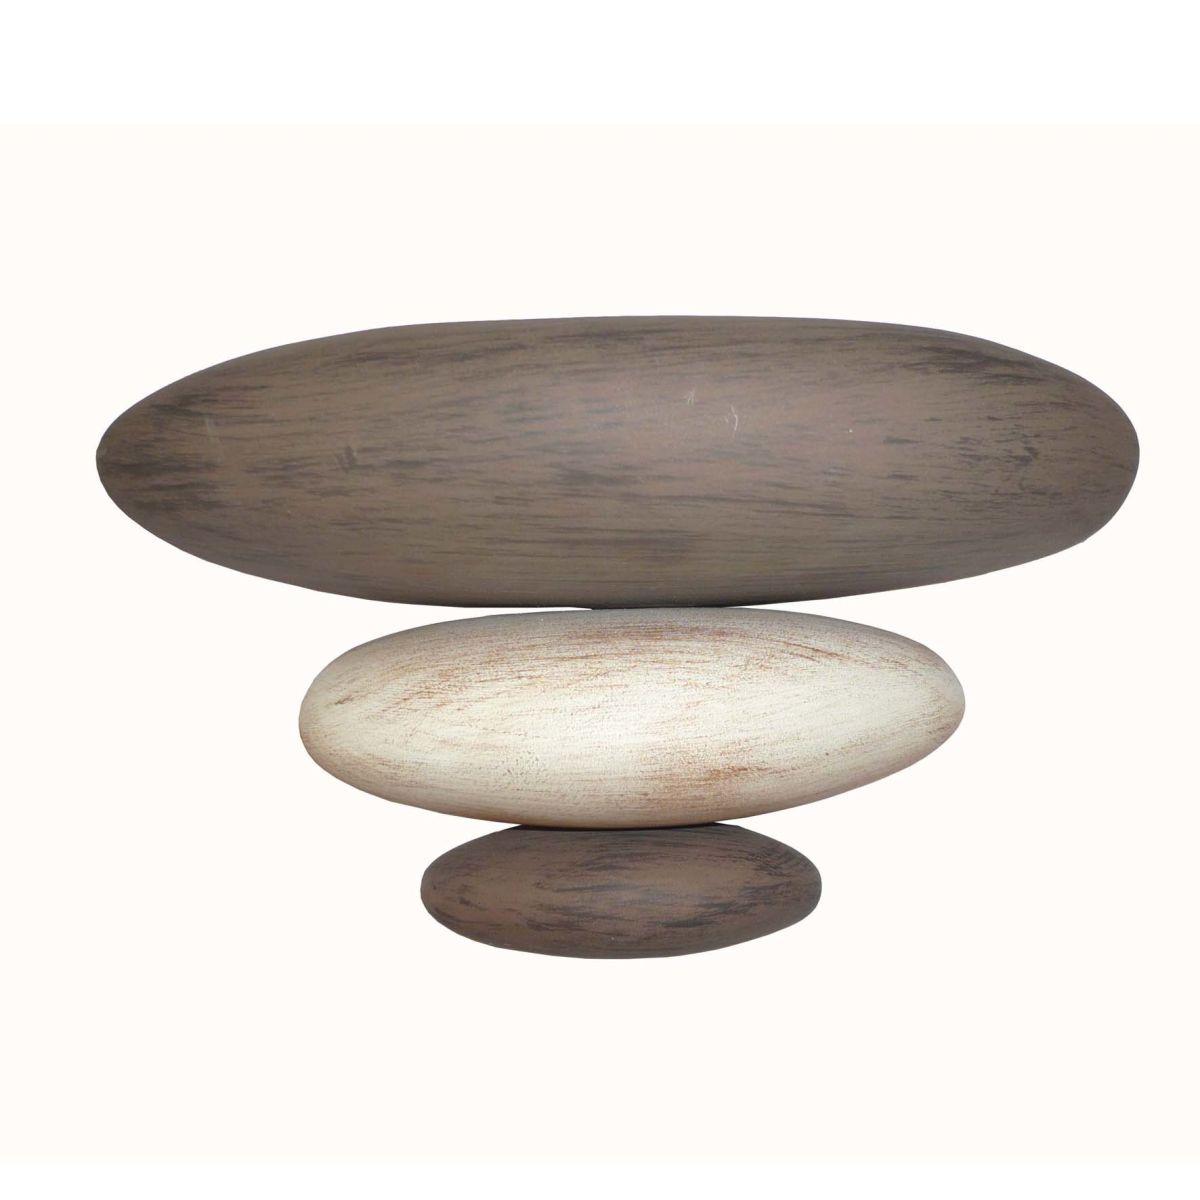 Applique sassi marrone l 24 x h 15 cm prezzi e offerte online for Ciottoli da giardino leroy merlin